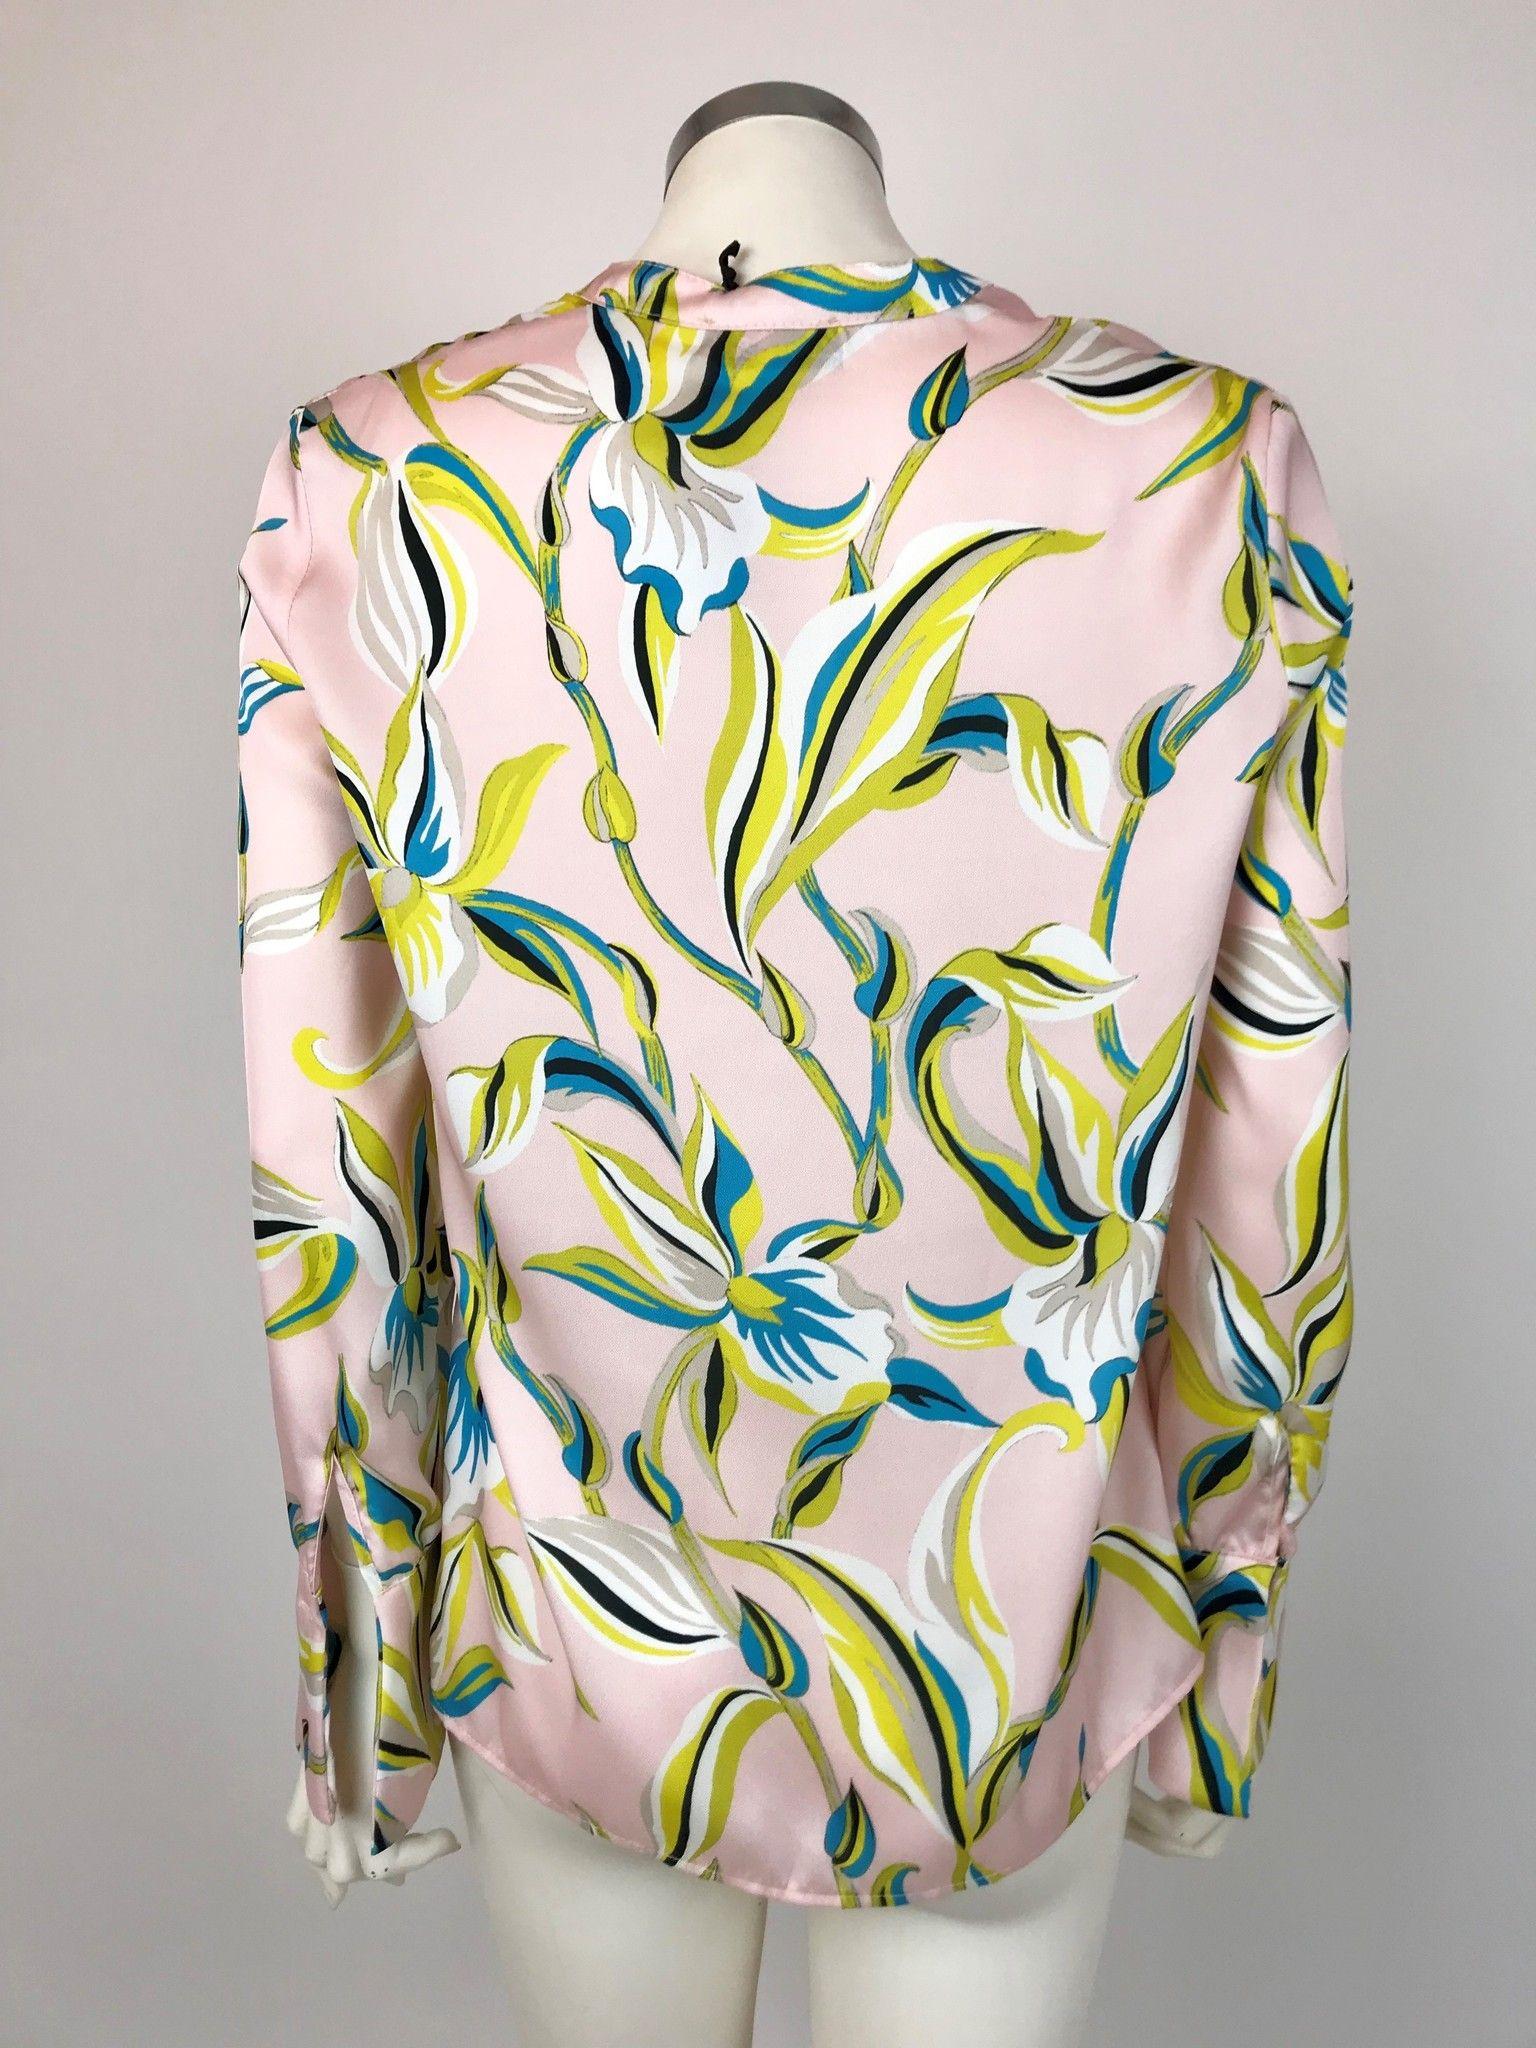 Camicia Lady Bug Fantasia Floreale Cod.0141